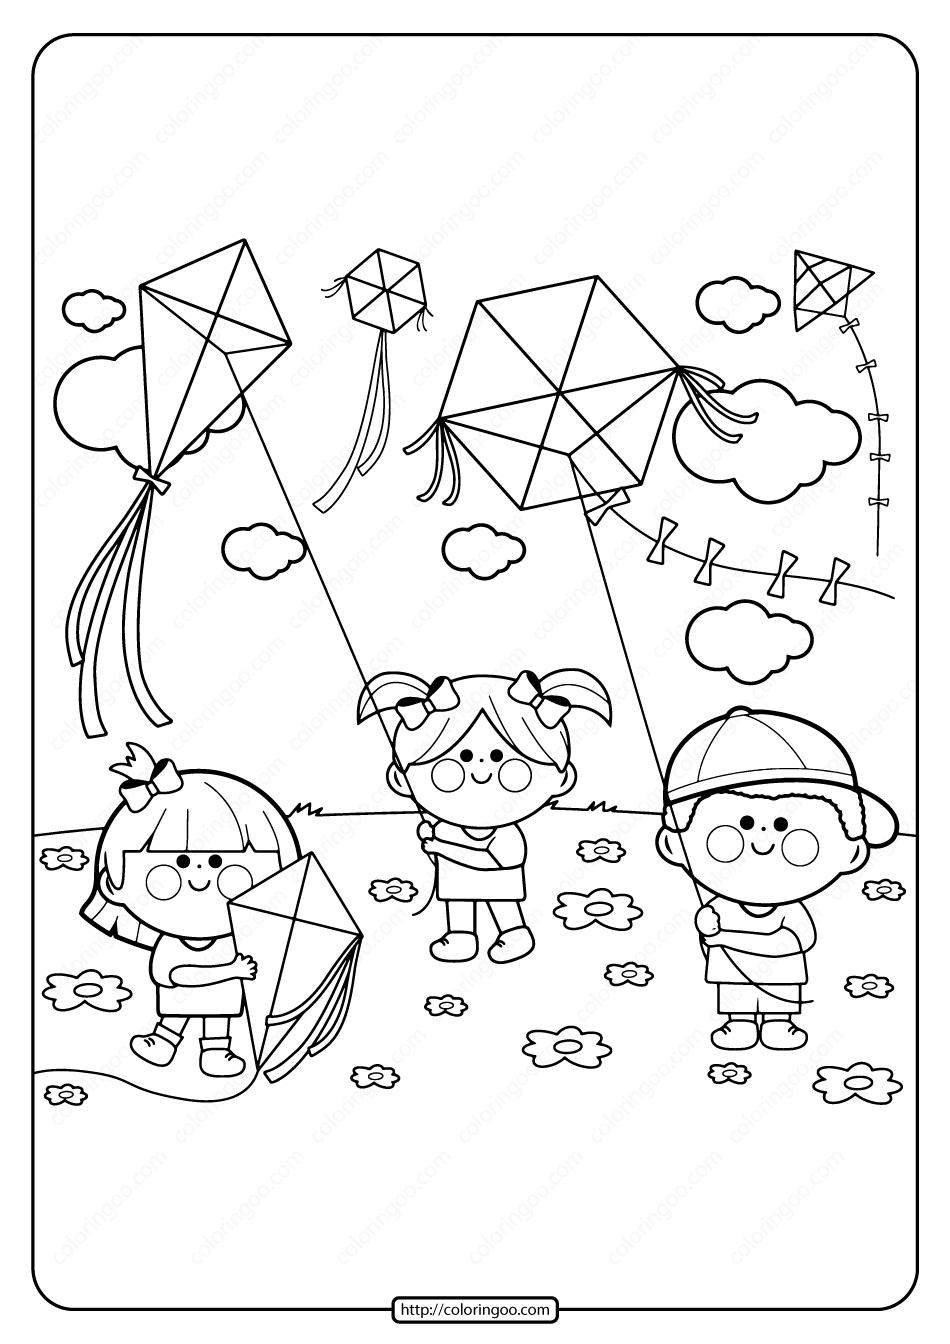 Printable Kids Flying Kites Pdf Coloring Page In 2020 Spring Coloring Pages Coloring Pages Coloring Books